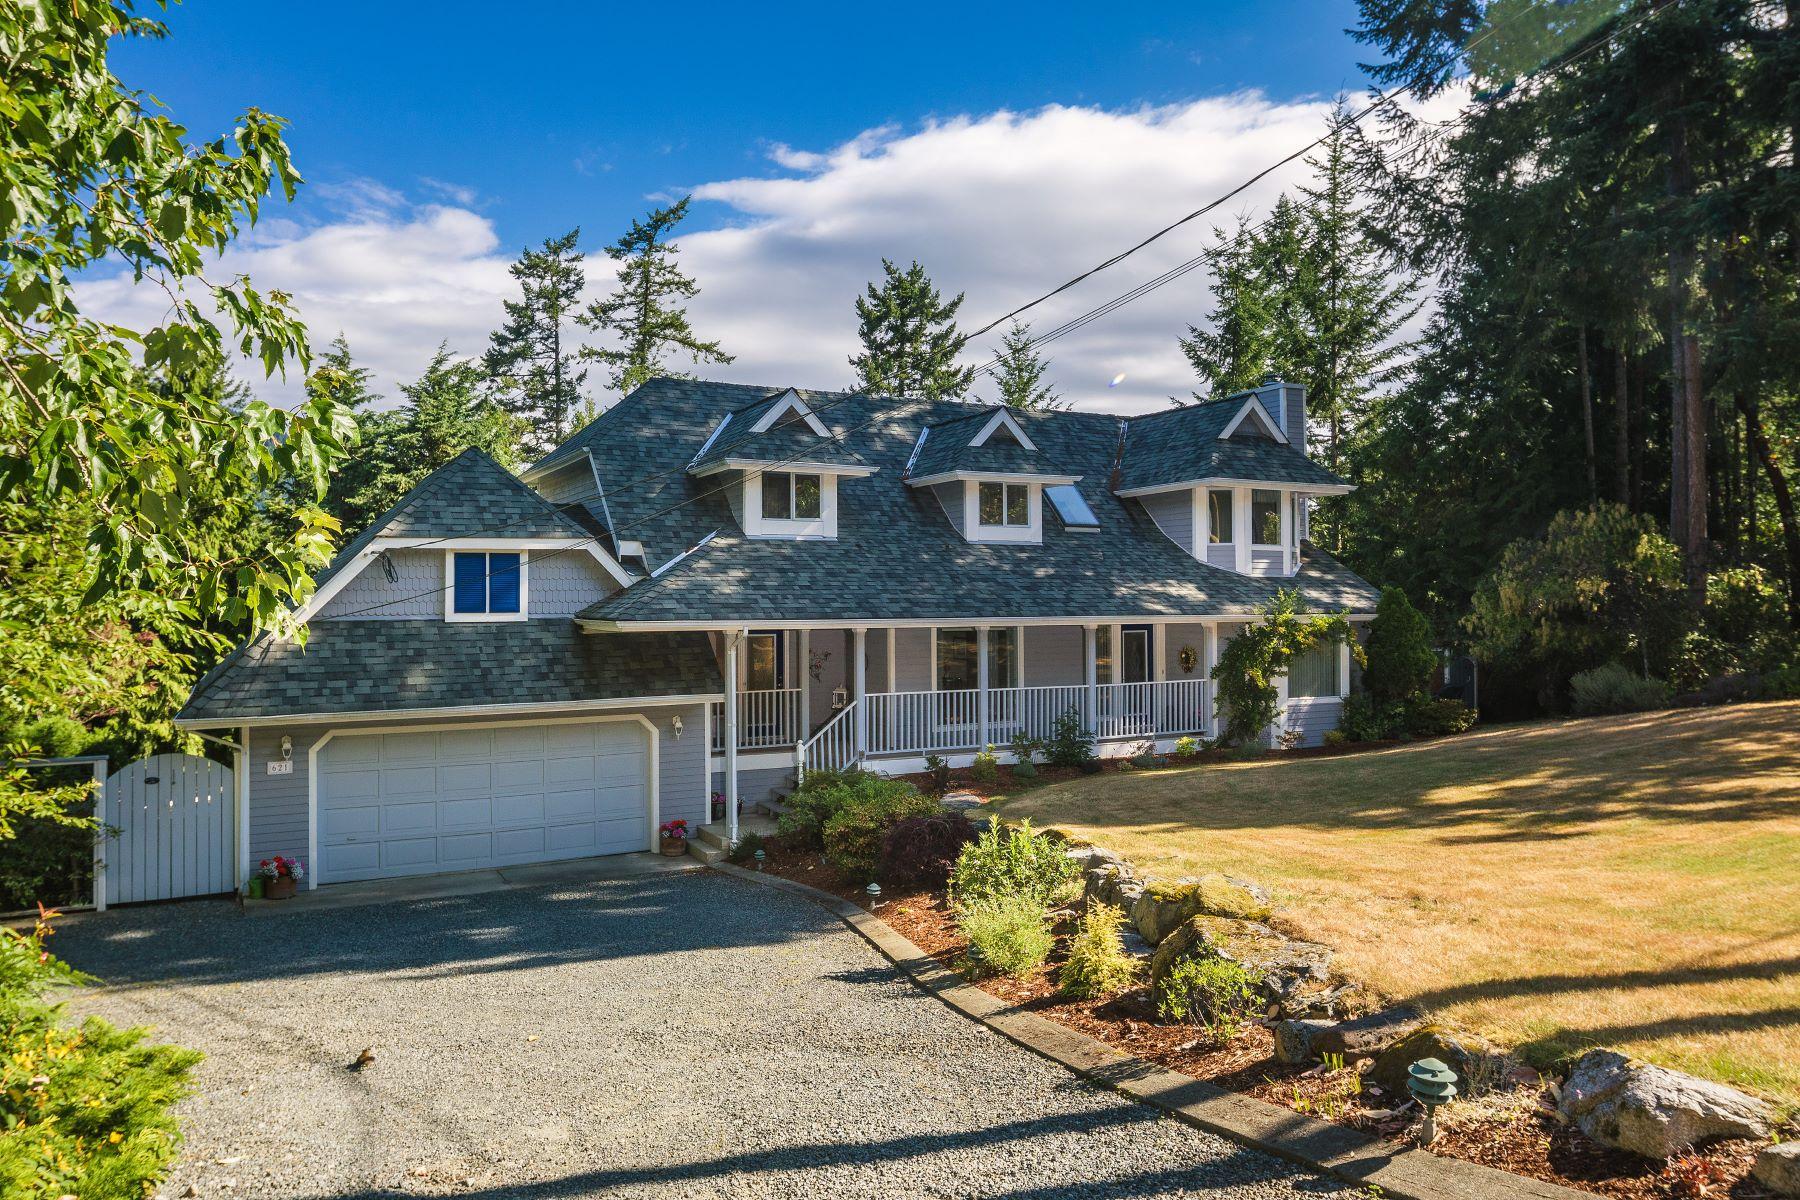 Casa para uma família para Venda às Tranquil Cape Cod style 621 Woodcreek Drive, Victoria bc, North Saanich, Columbia Britanica, V8L 5K5 Canadá